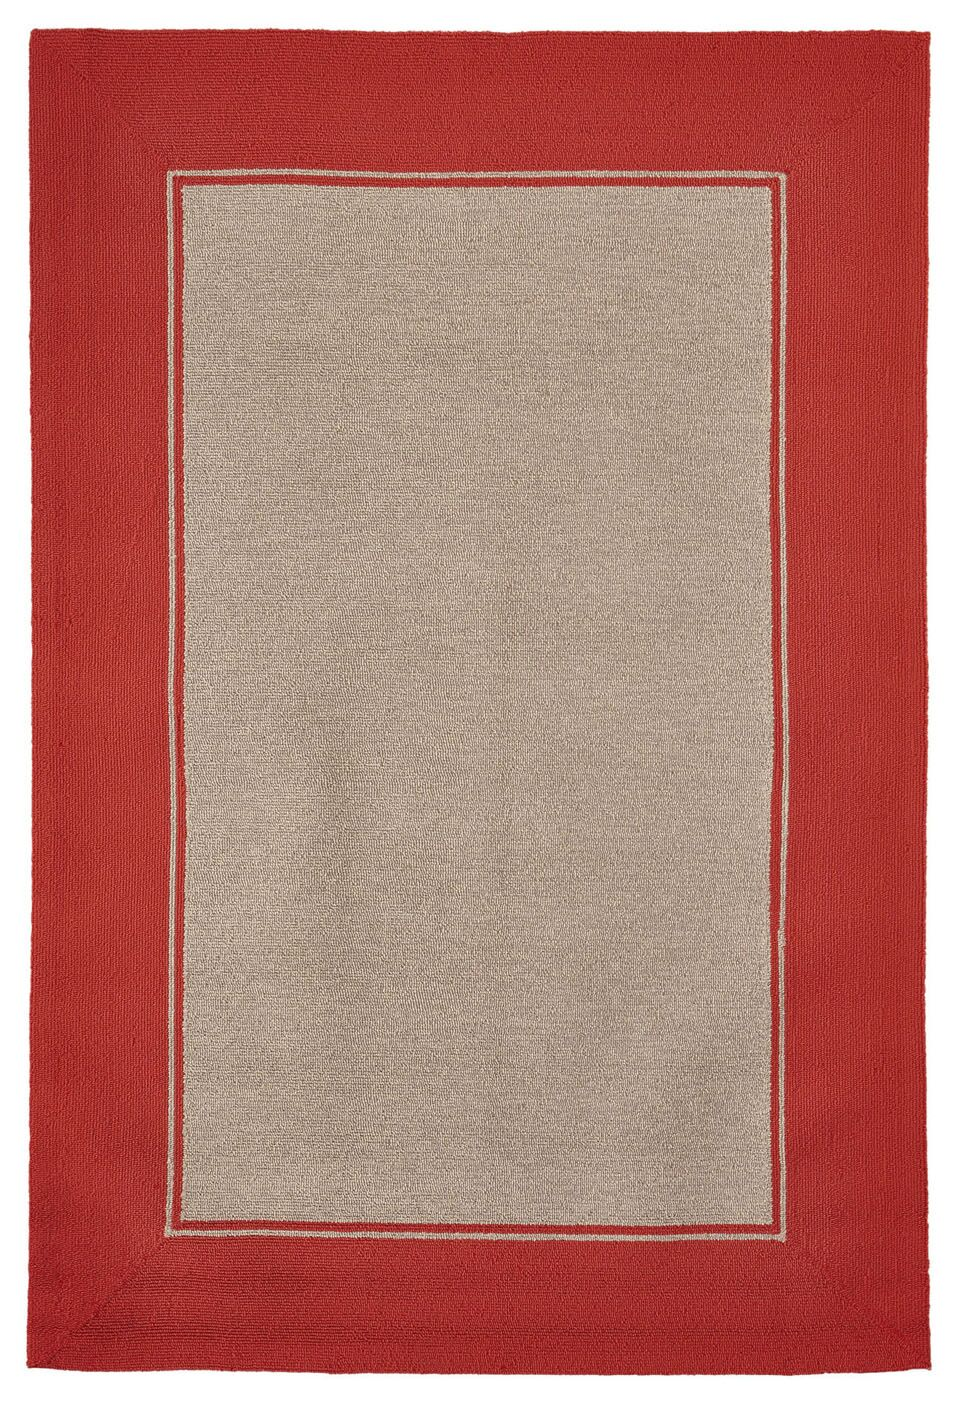 Elam Border Hand-Woven Orange/Beige Indoor/Outdoor Area Rug Rug Size: Rectangle 3'5